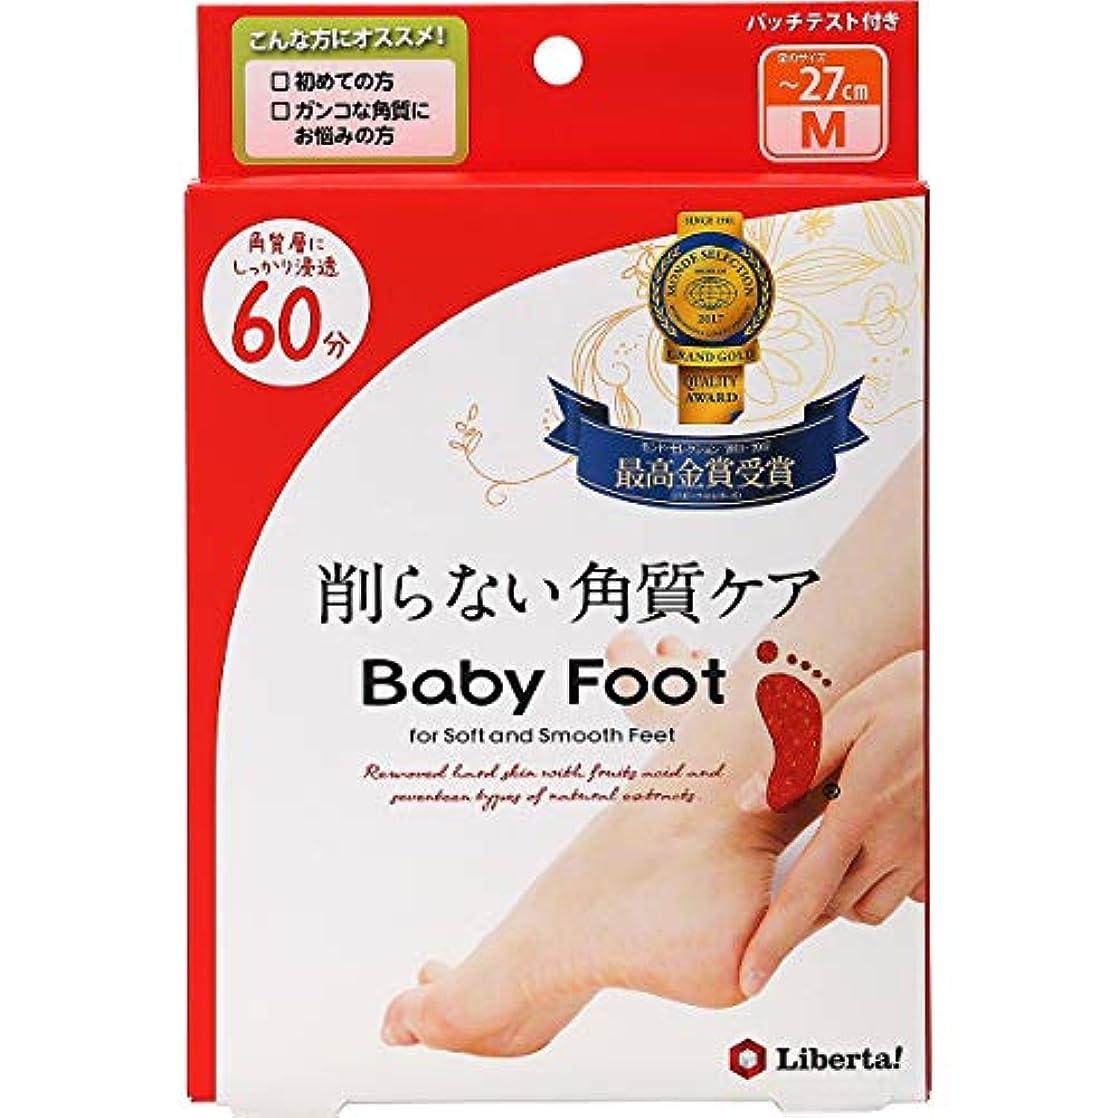 蒸発冗談で一月ベビーフット (Baby Foot) ベビーフット イージーパック SPT60分タイプ Mサイズ 単品